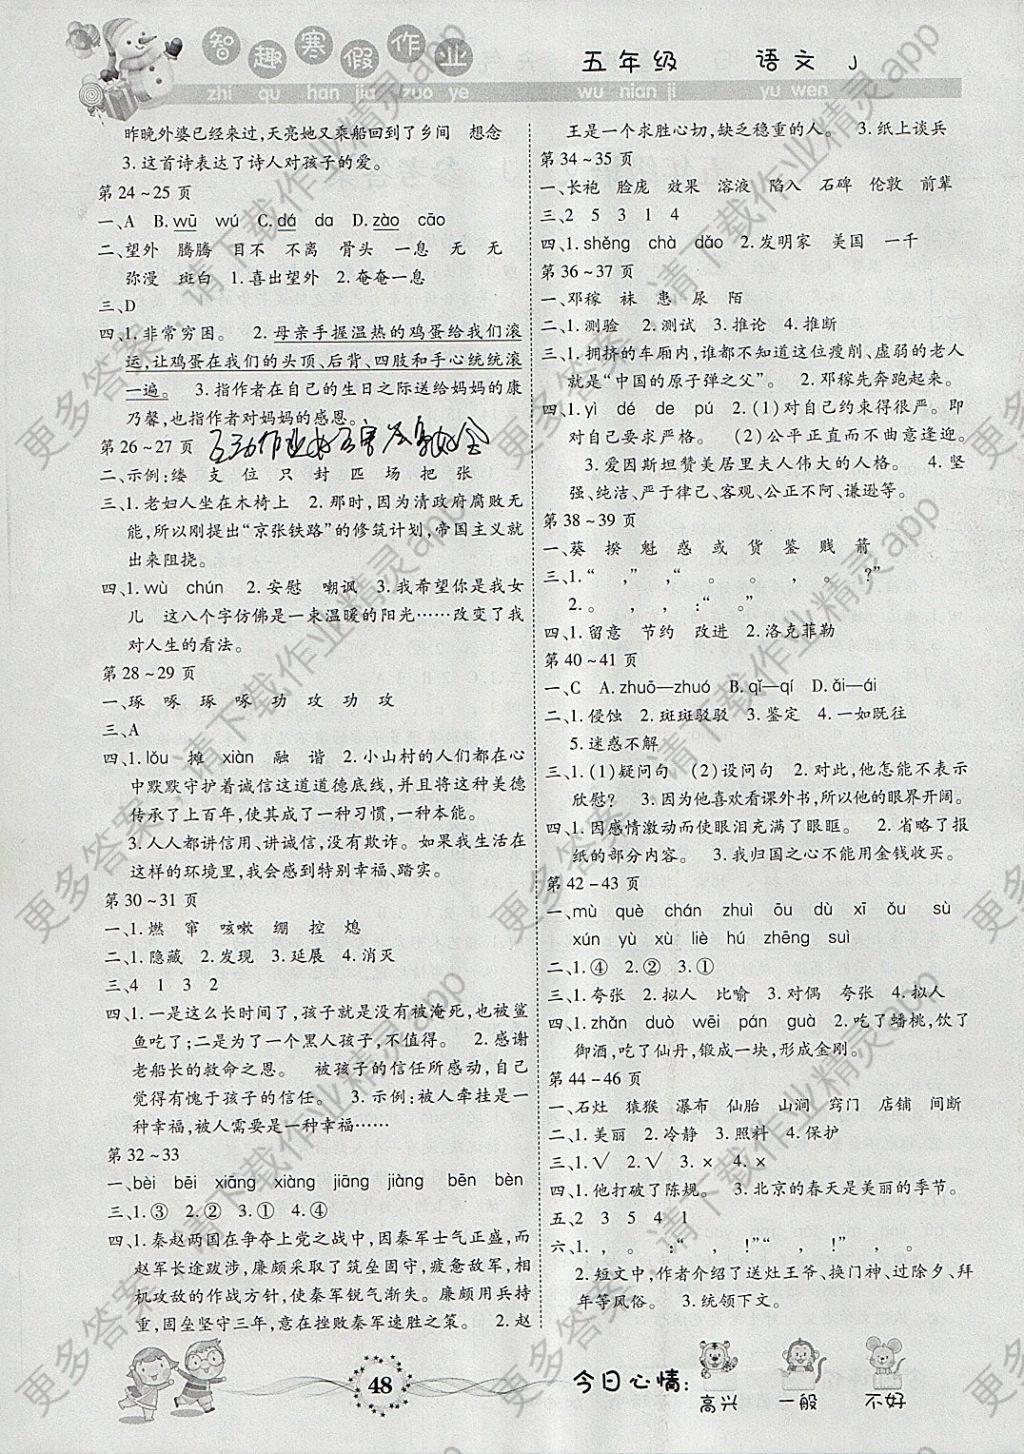 2018年智趣寒假作业五年级语文冀教版 参考答案第2页